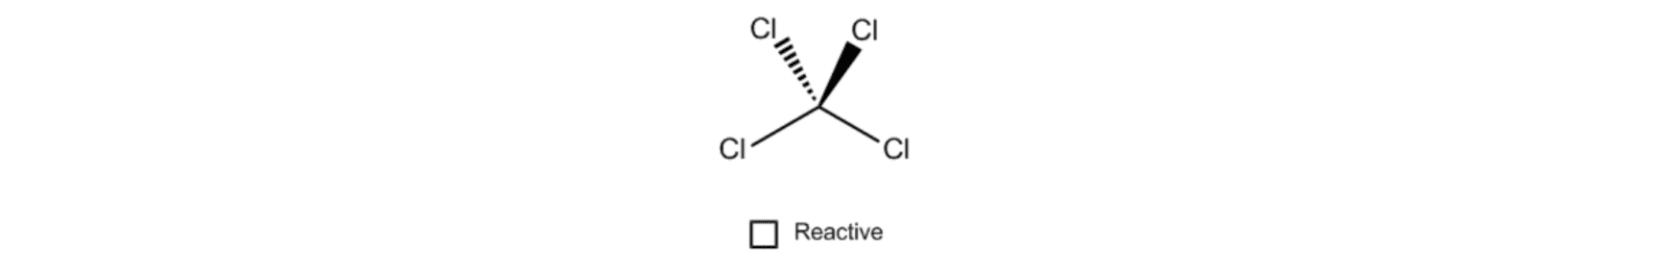 Carbon Tetrachloride Reactivity